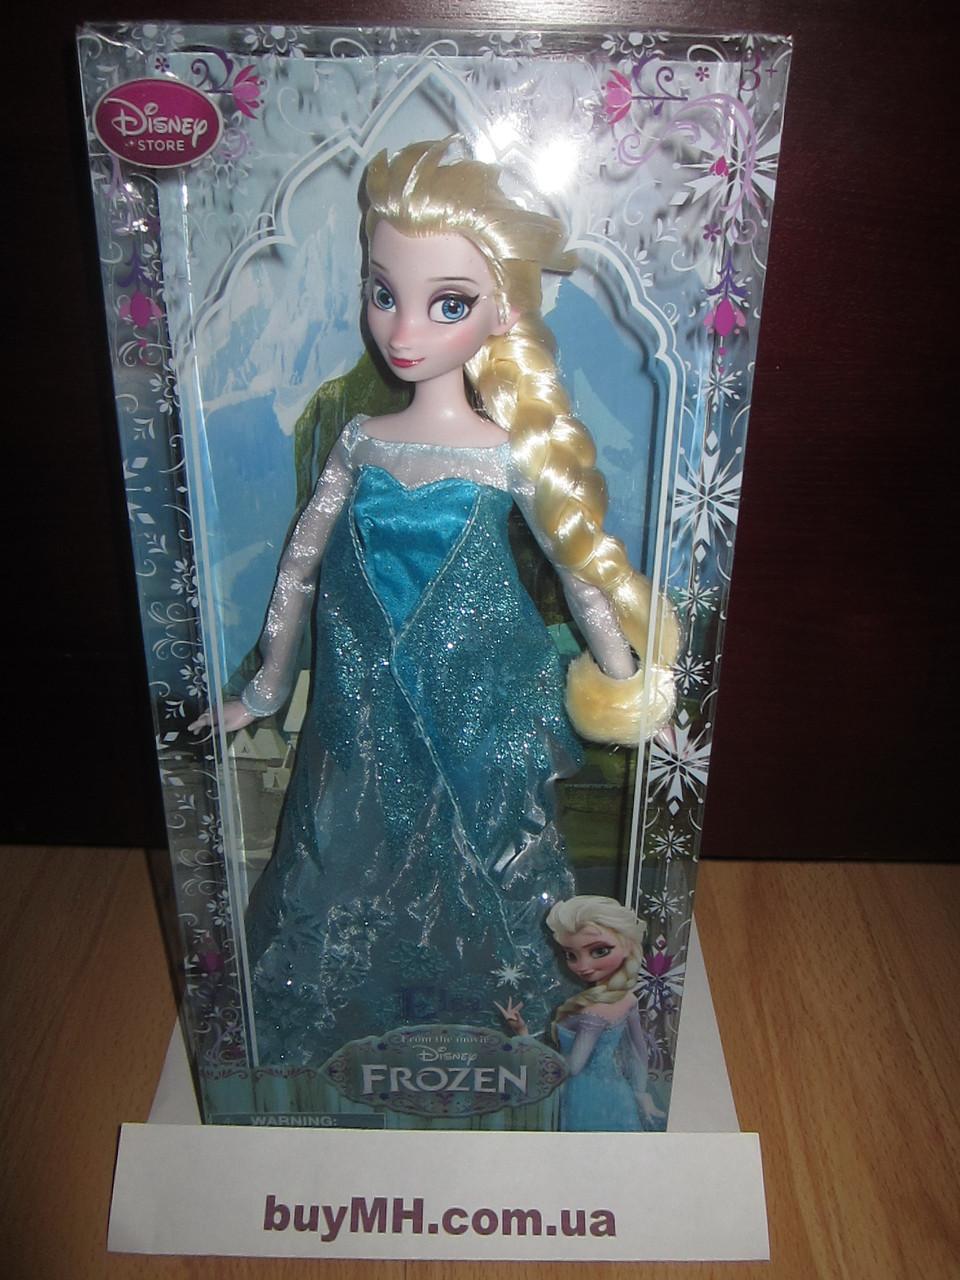 Кукла Эльза Холодное сердце Elsa Frozen Classic Doll оригинал Дисней (Disney) США 1 выпуск, фото 1